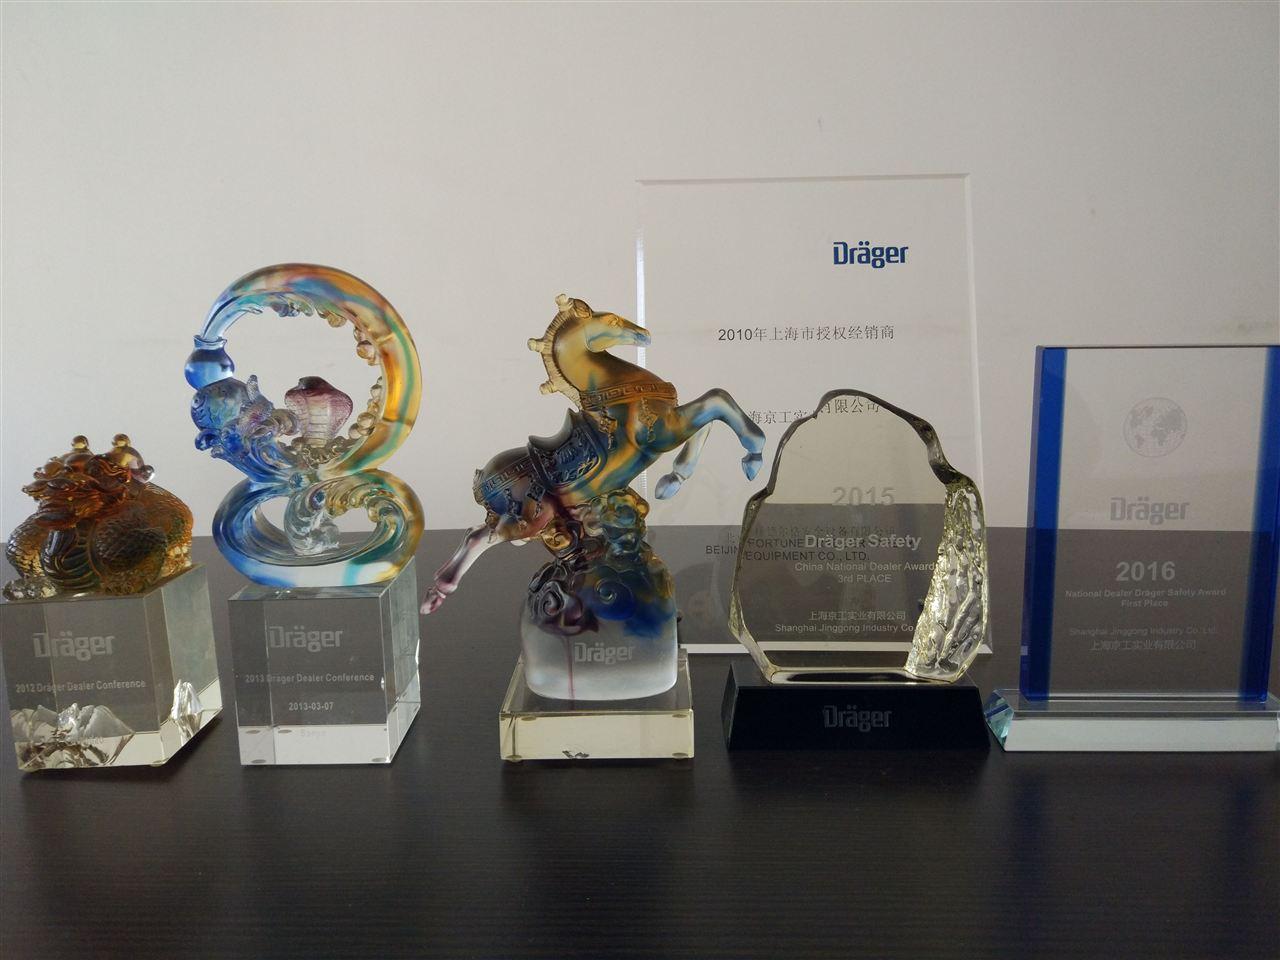 上海京工历年所获的德尔格奖牌